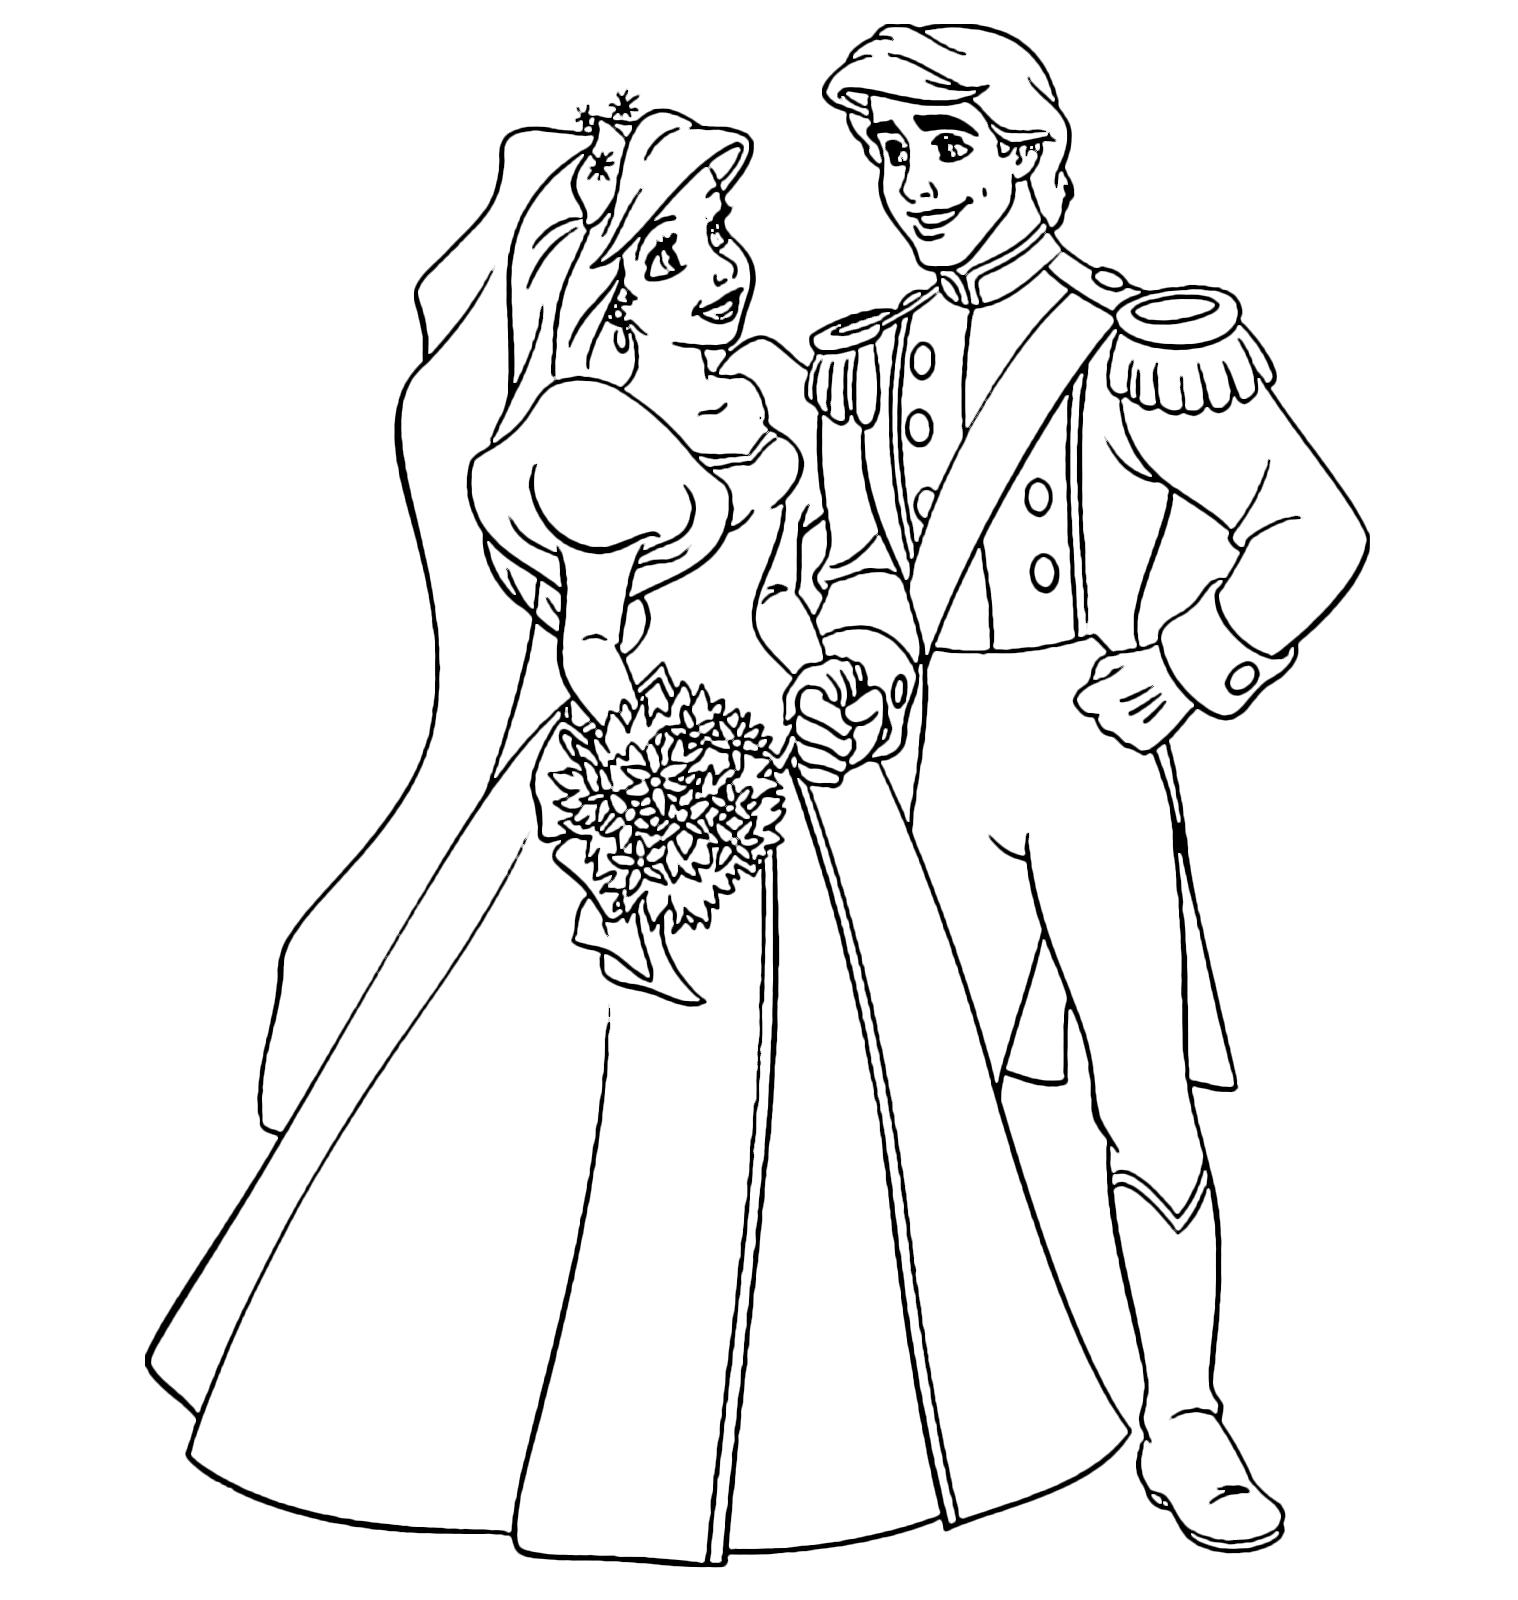 La sirenetta ariel ed il principe eric finalmente sposi for La sirenetta da stampare